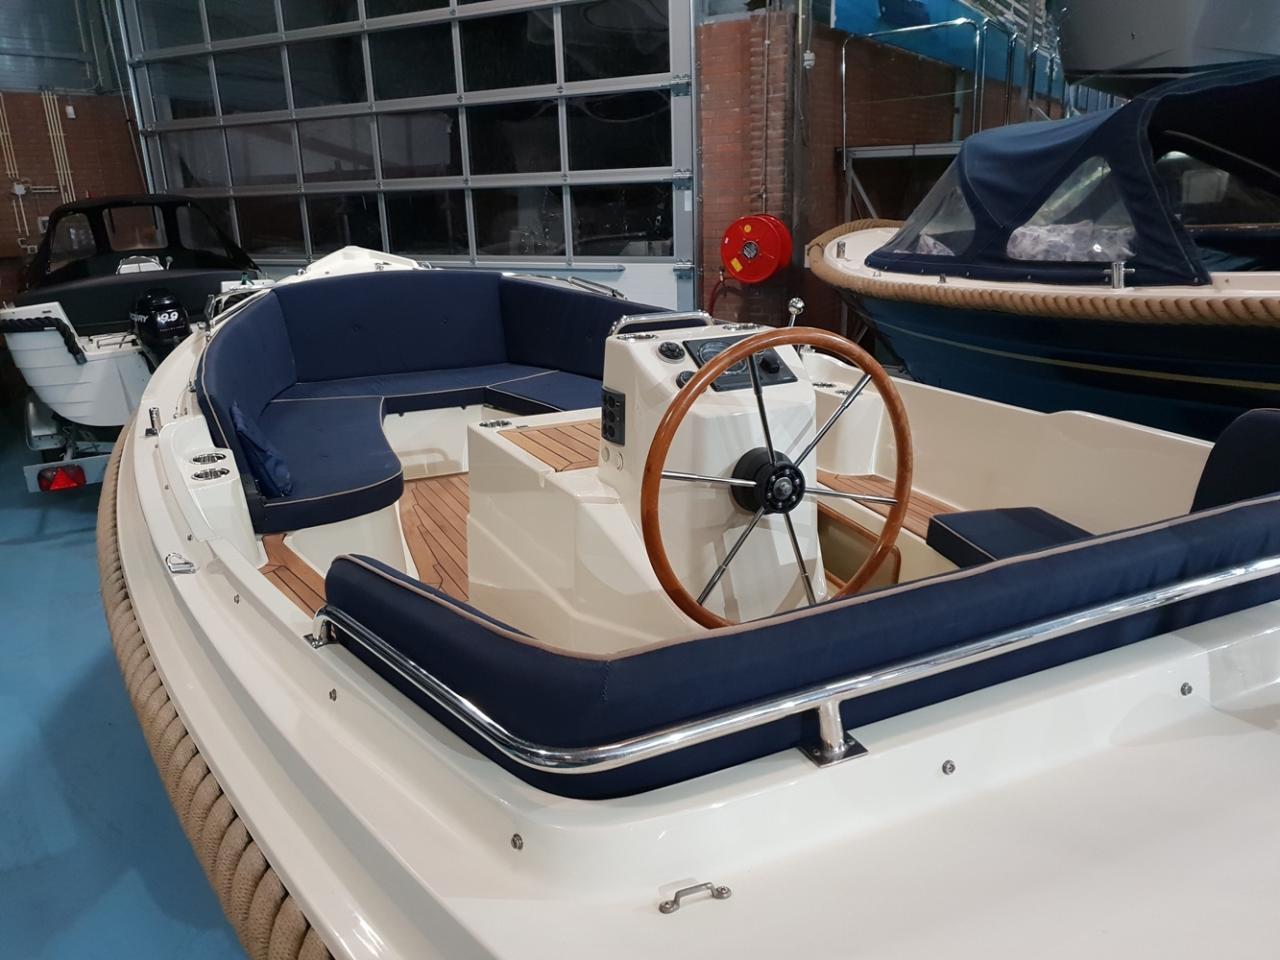 Interboat 19 met Vetus 28 pk 2